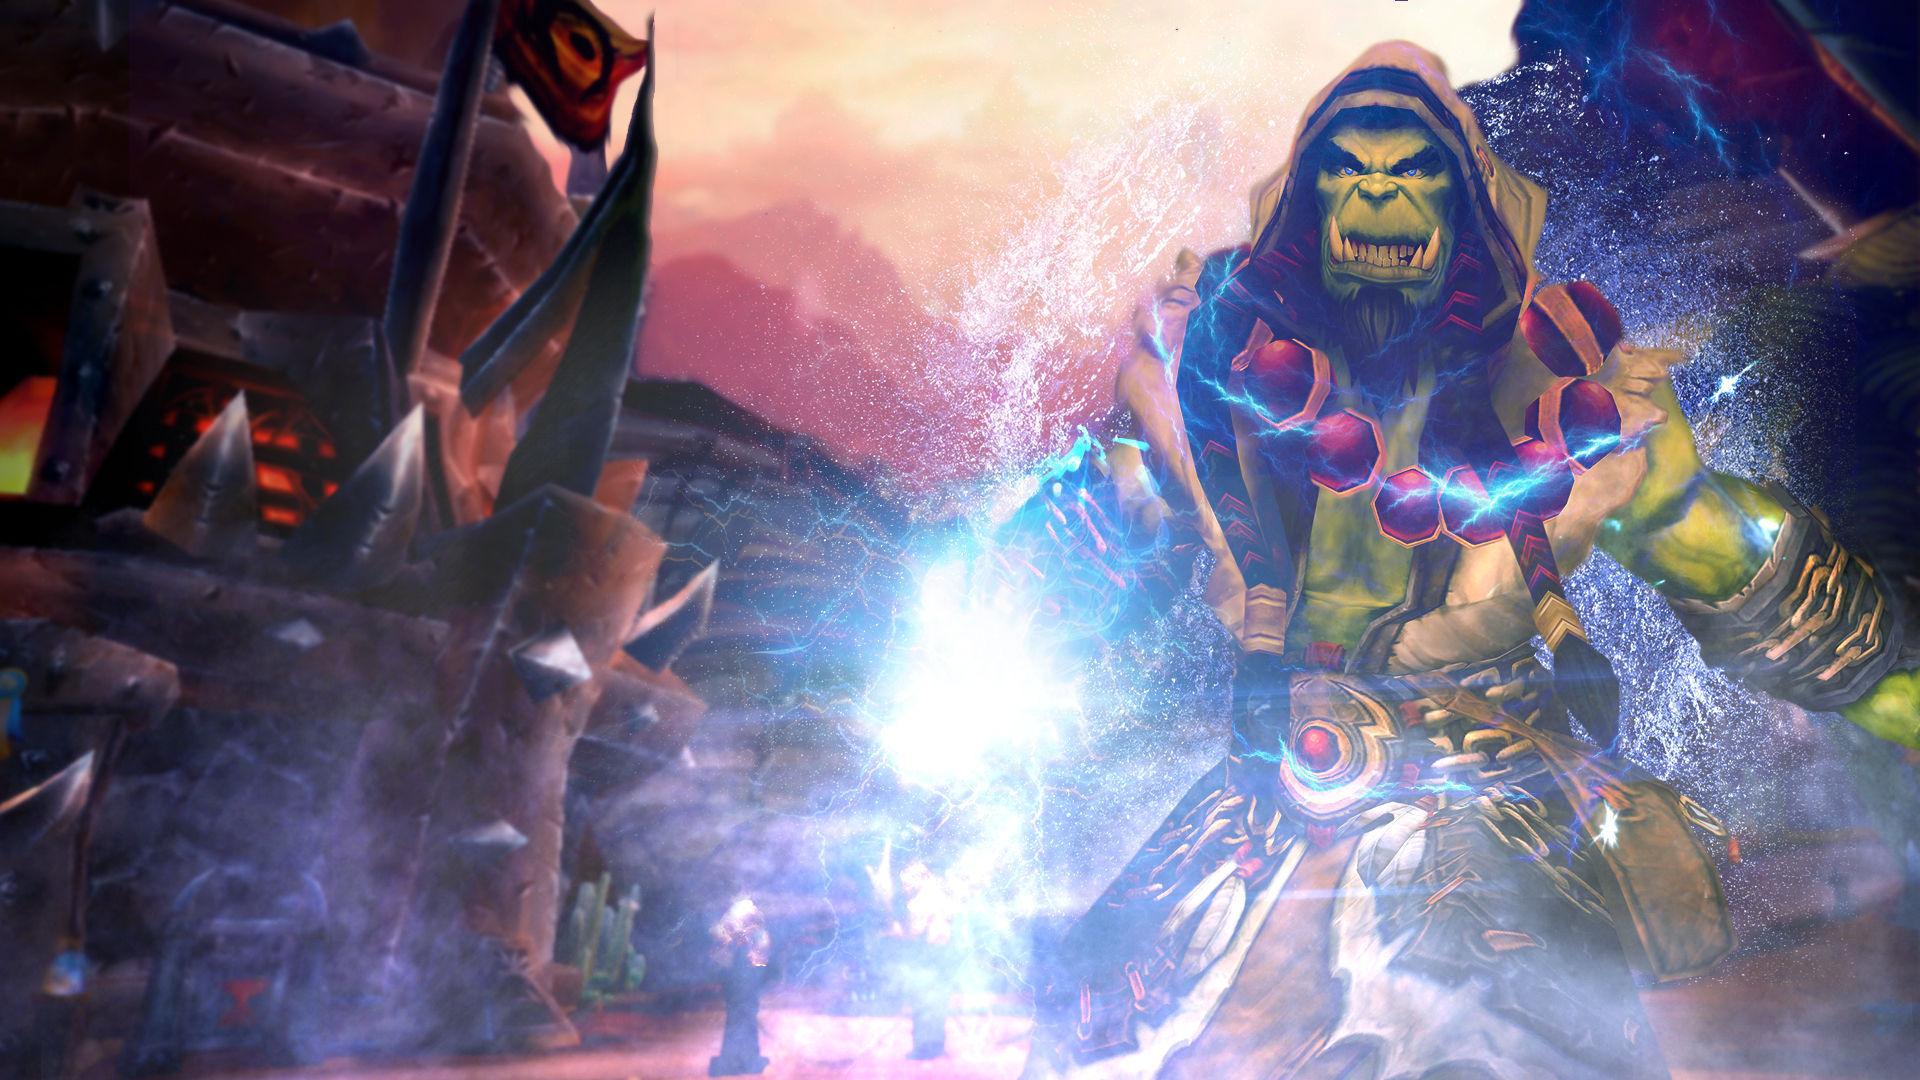 Thrall deja el puesto de Jefe de Guerra de la Horda para acabar con el Cataclismo. ¿A quién le cede el puesto?